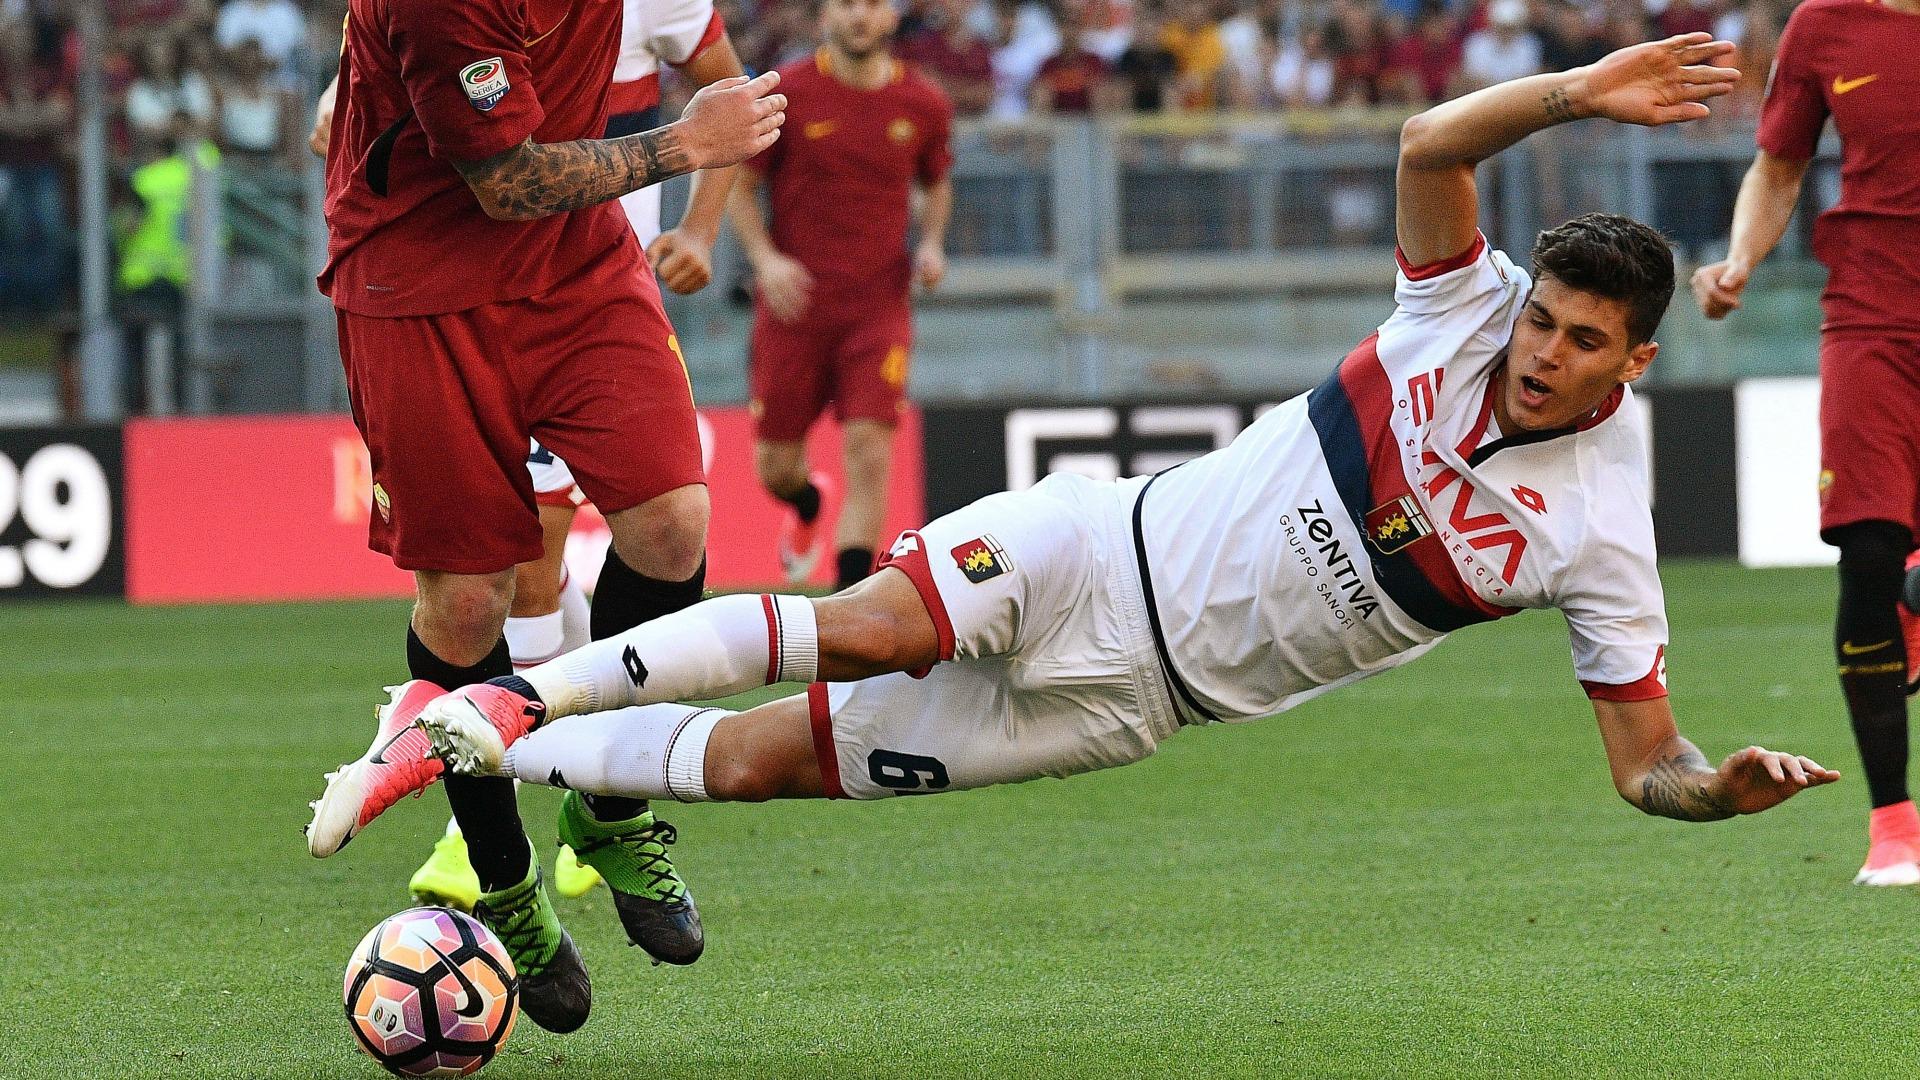 Genoa-Lazio: Pellegri fa il fenomeno e il padre si commuove in panchina